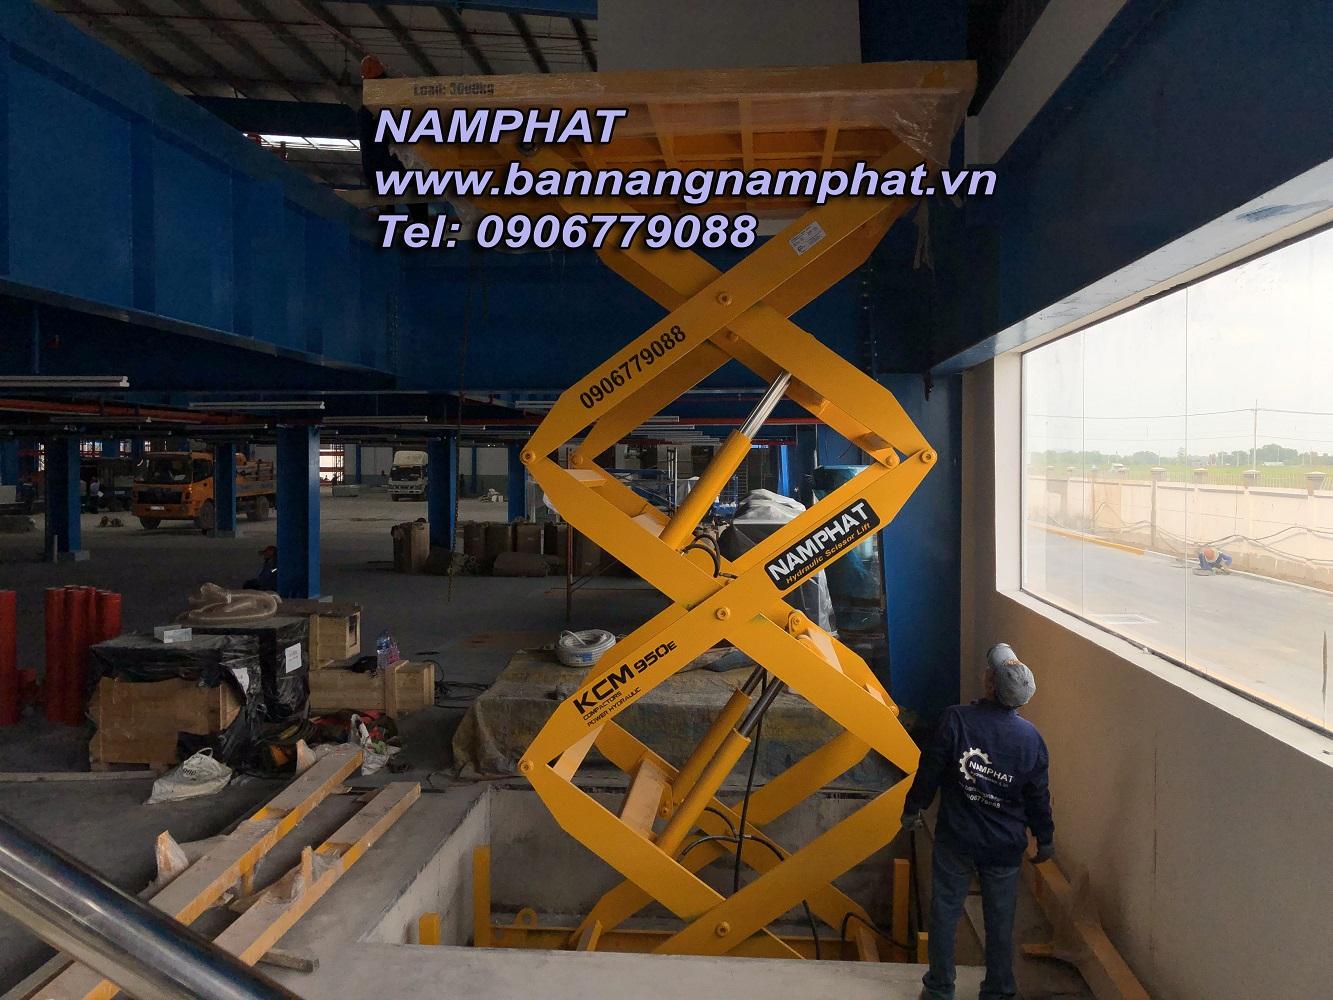 Bàn nâng thủy lực 3000 KG Lắp tại KCN Thành Thành Công,  Tây Ninh